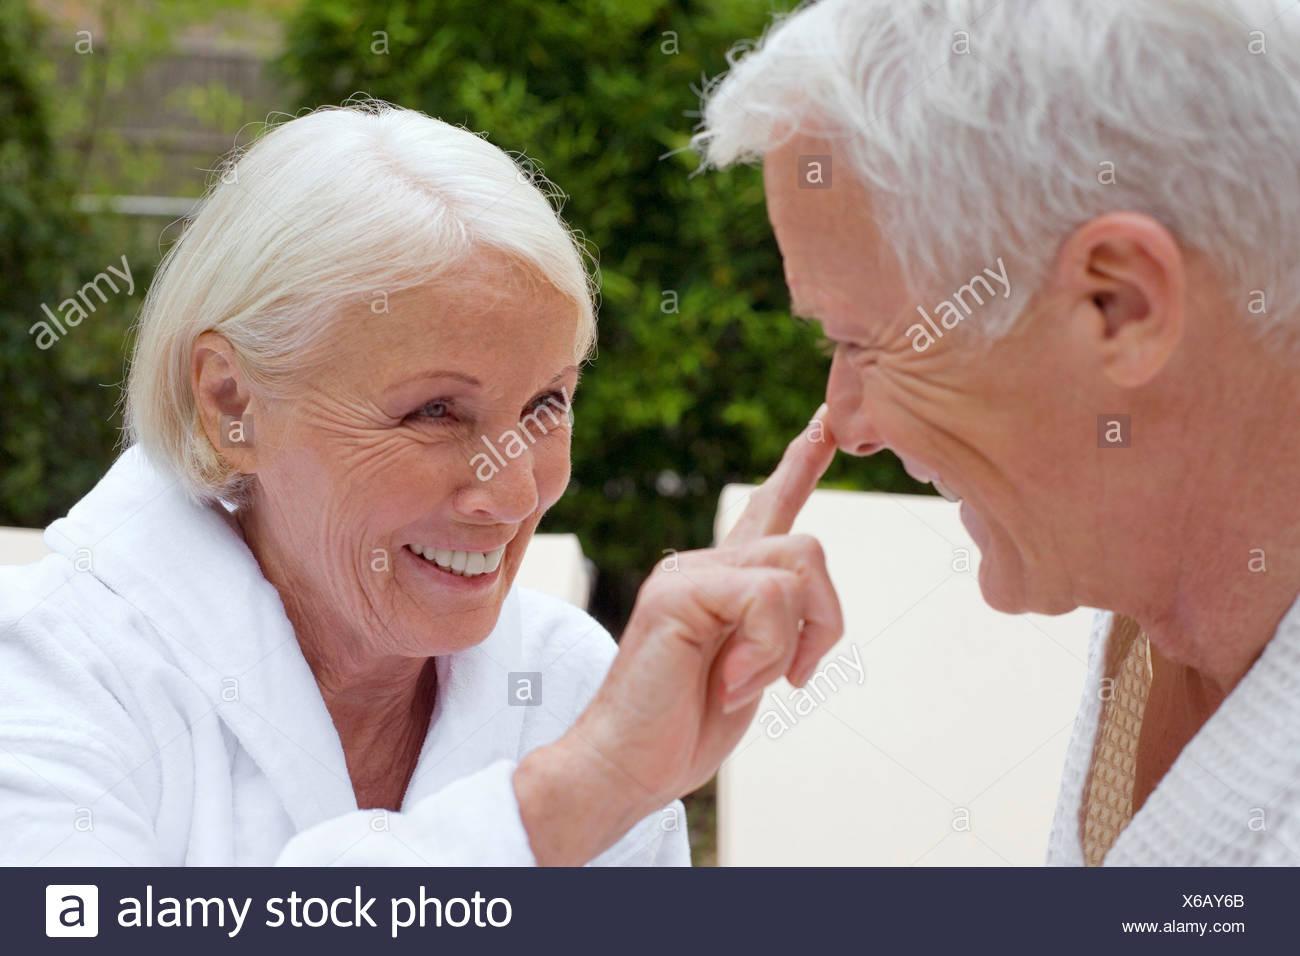 Germany, senior couple wearing bathrobes, close-up - Stock Image